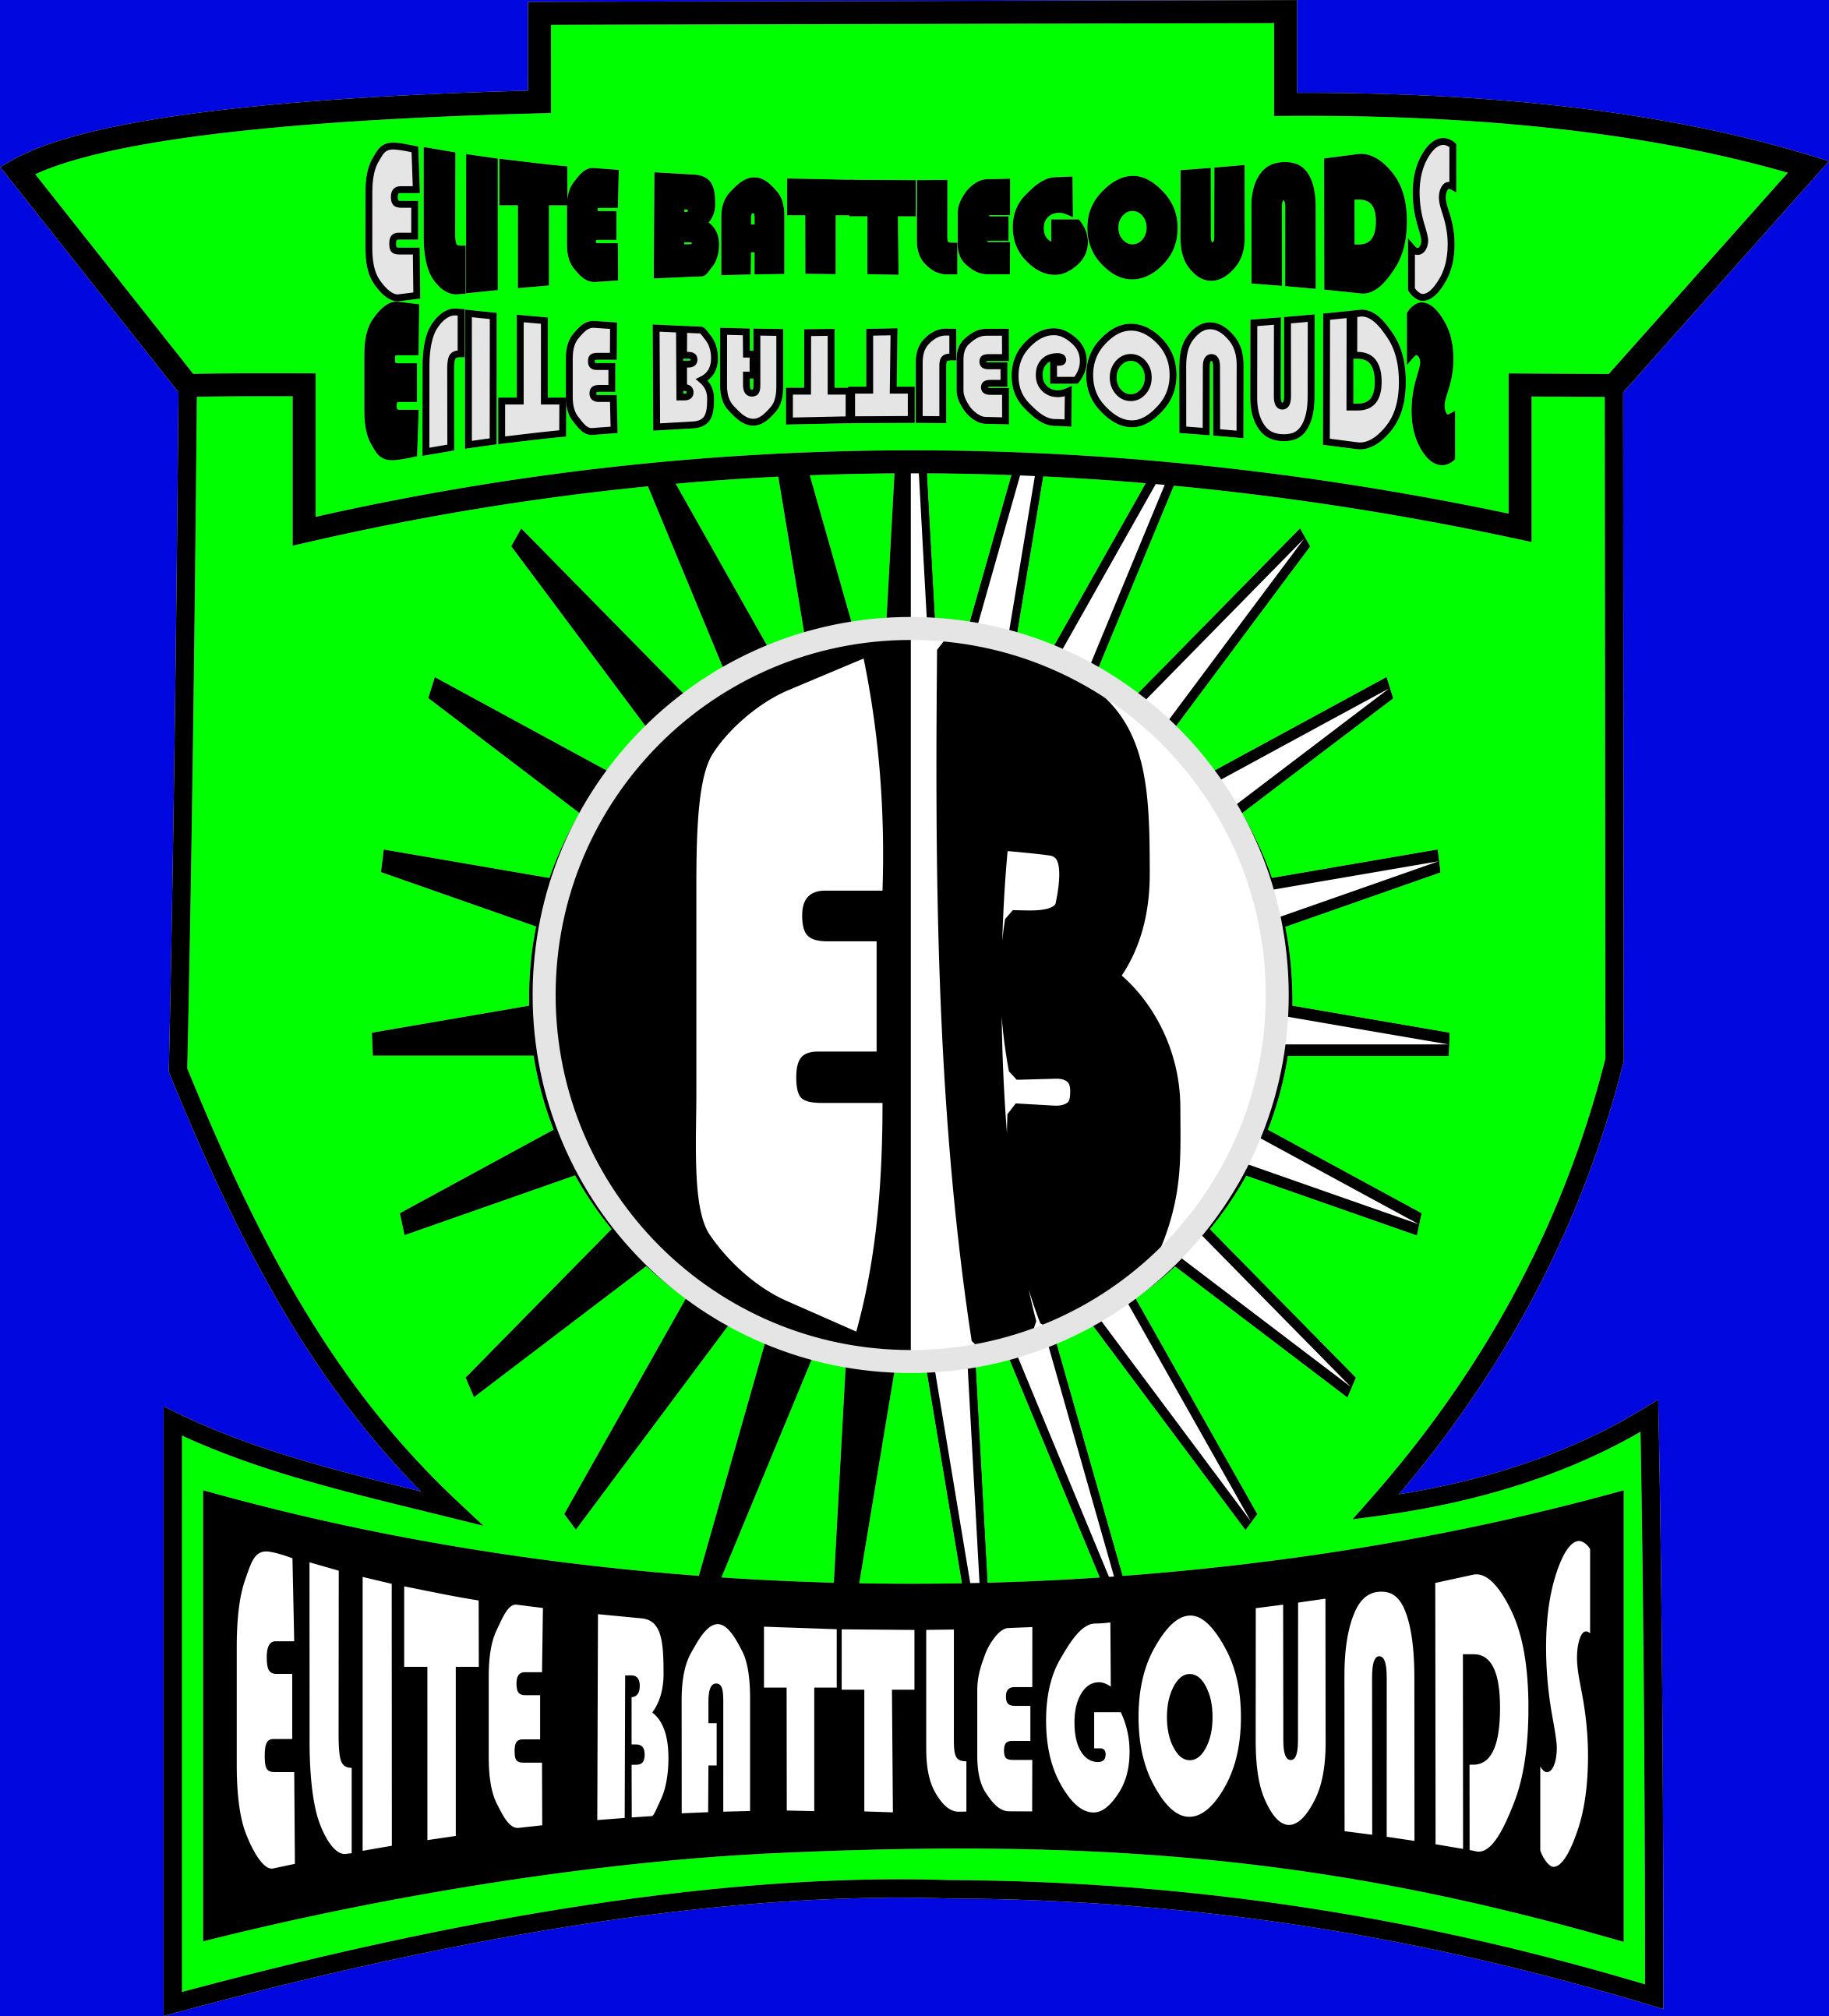 Logo Design by Teguh Hanuraga - Entry No. 28 in the Logo Design Contest Creative Logo Design for Elite Battlegrounds.